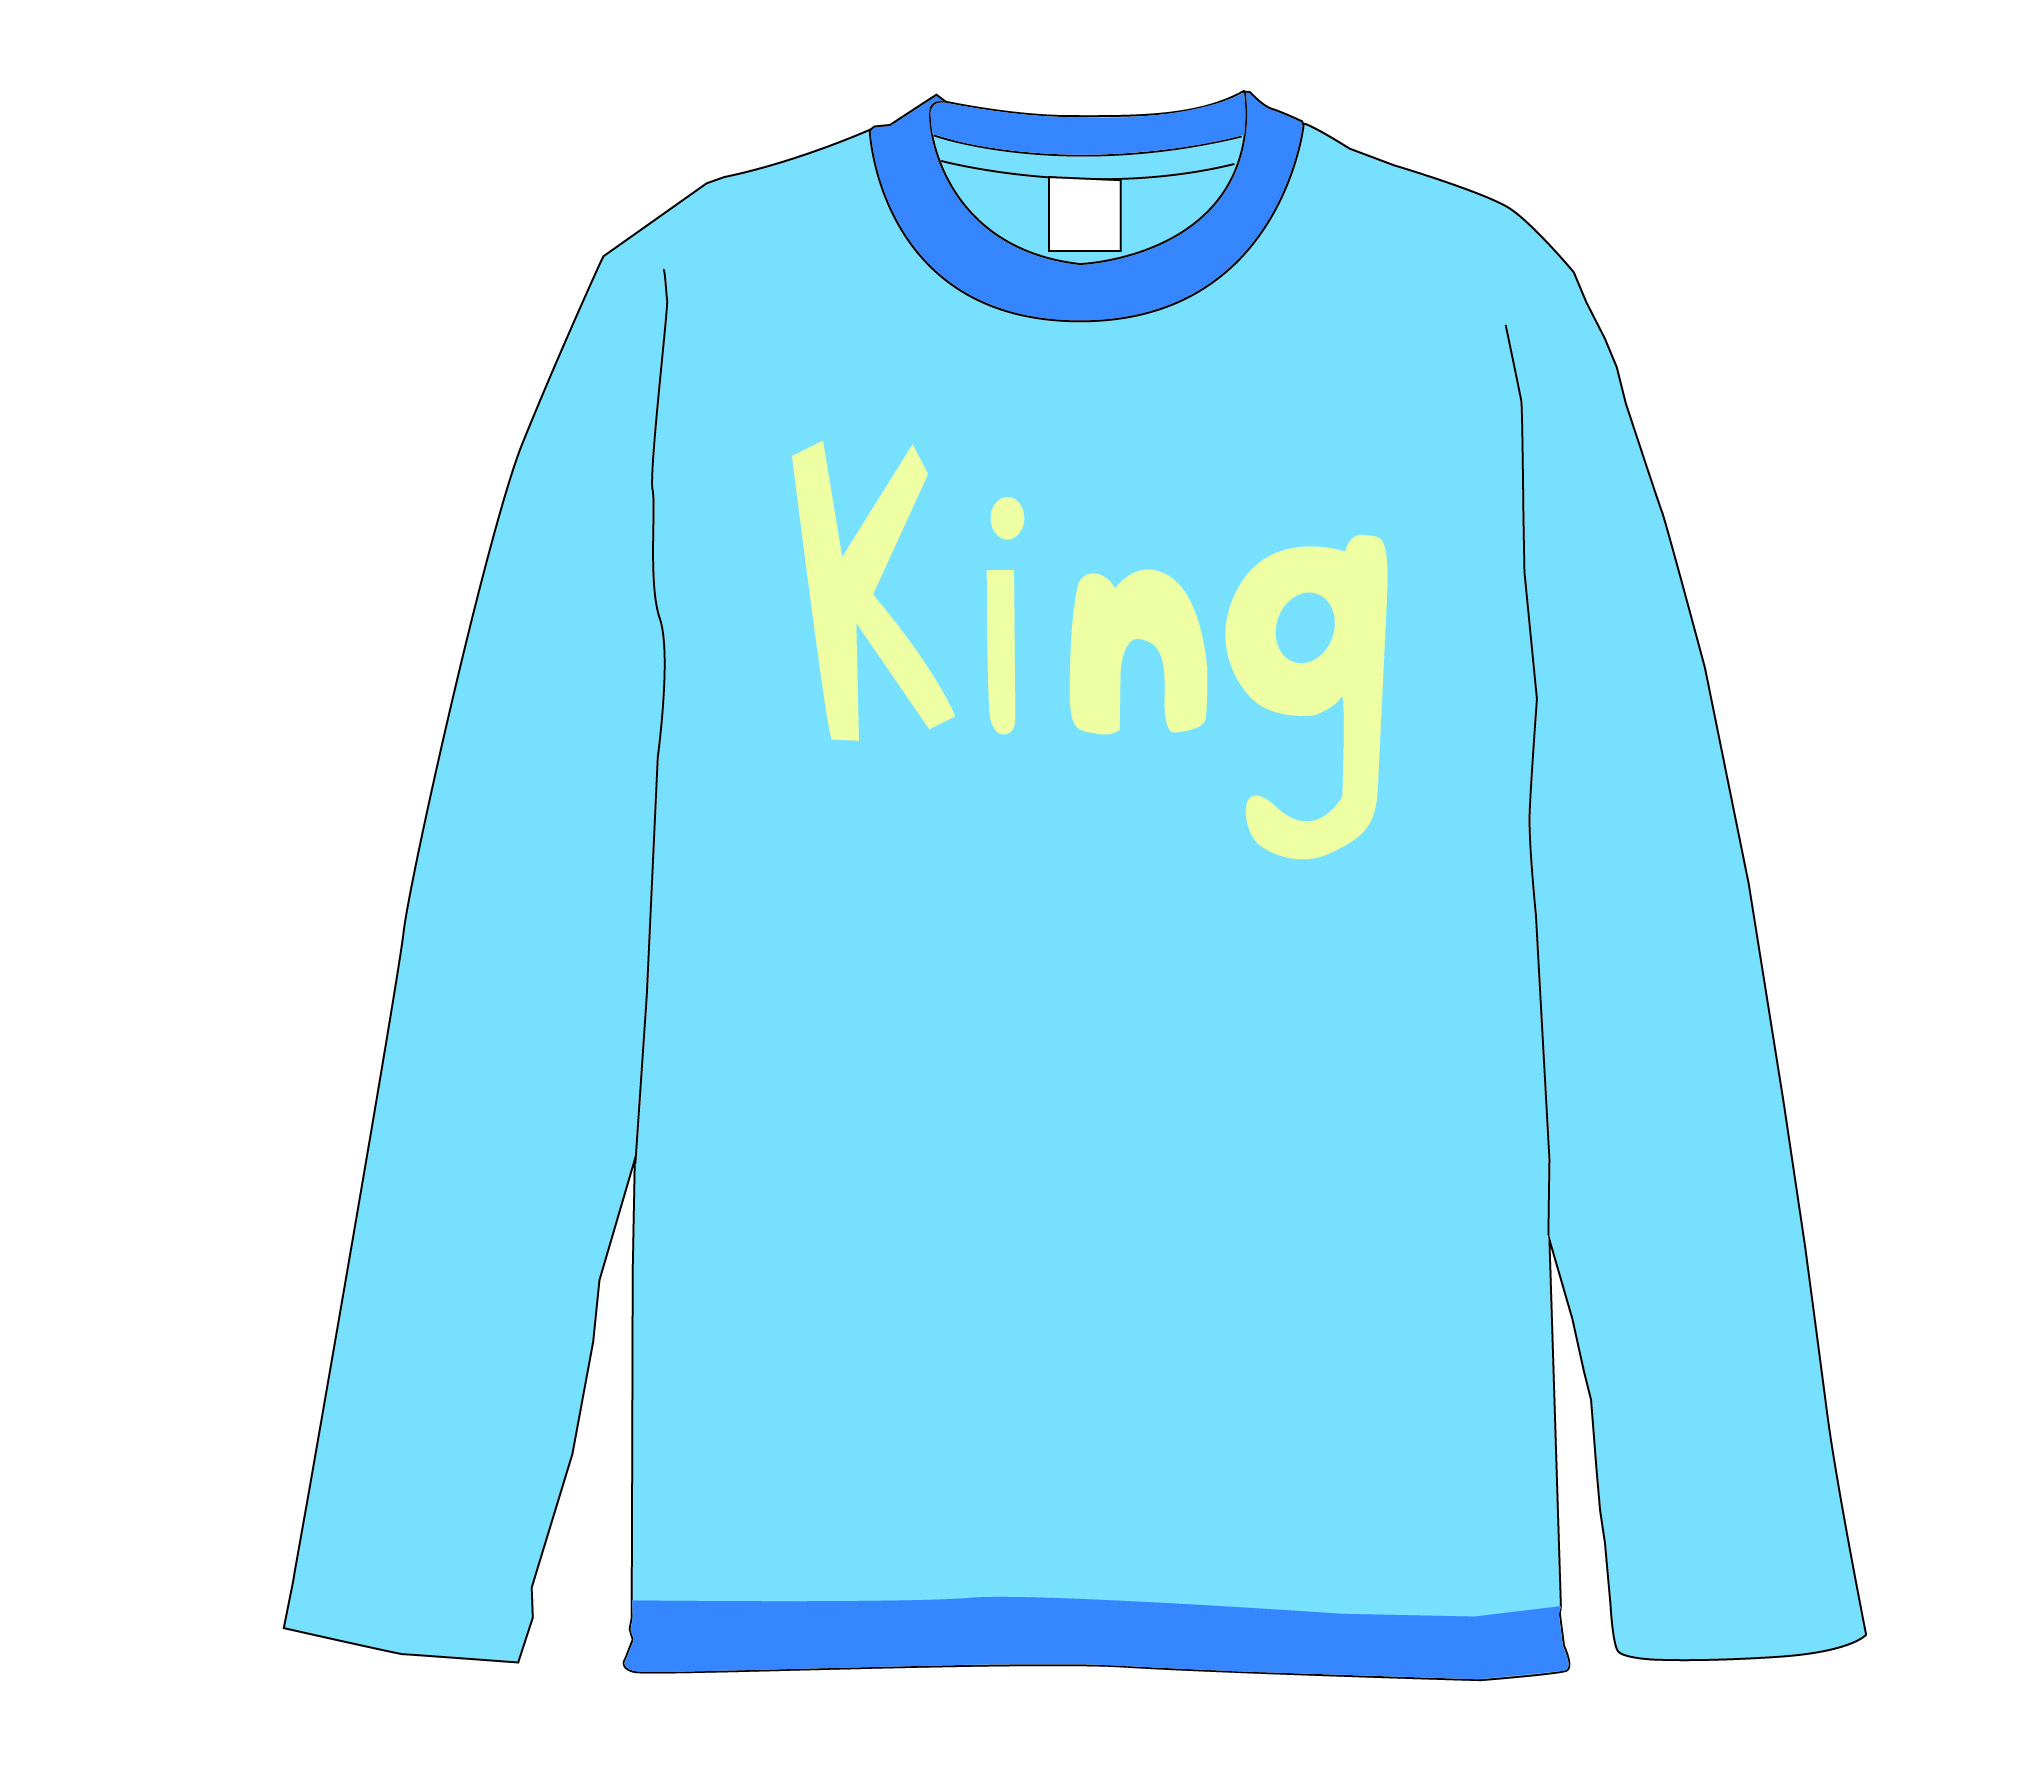 塙姉妹のTシャツ(さよみの「KING」)